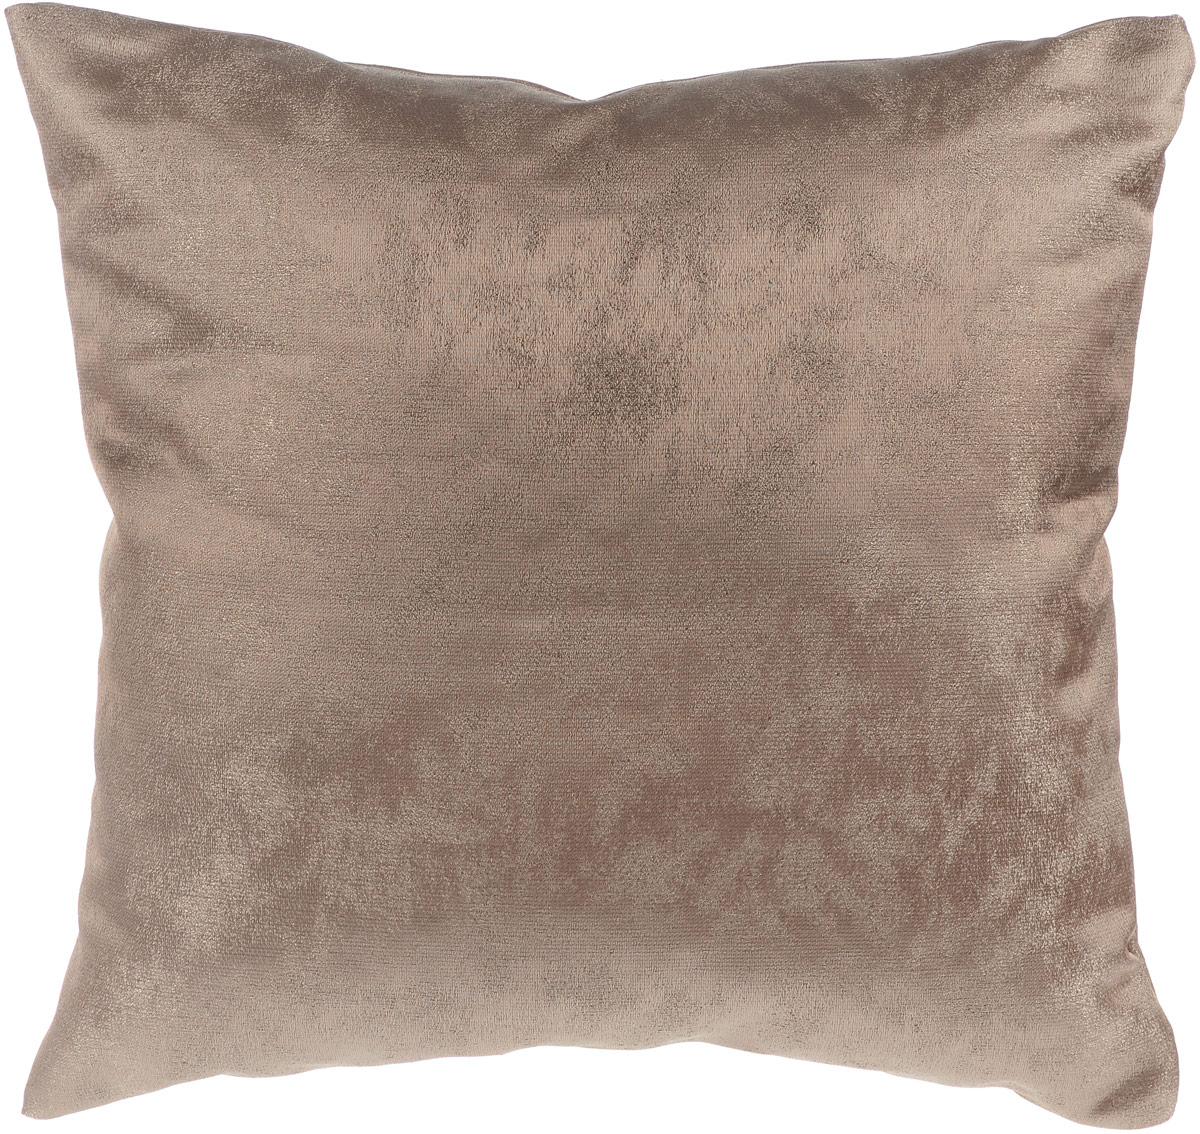 Подушка декоративная KauffOrt Магия, цвет: кофейный, 40 x 40 см6221CДекоративная подушка Магия прекрасно дополнит интерьер спальни или гостиной. Очень нежный на ощупь чехол подушки выполнен из прочного полиэстера. Внутри находится мягкий наполнитель. Чехол легко снимается благодаря потайной молнии.Красивая подушка создаст атмосферу уюта и комфорта в спальне и станет прекрасным элементом декора.